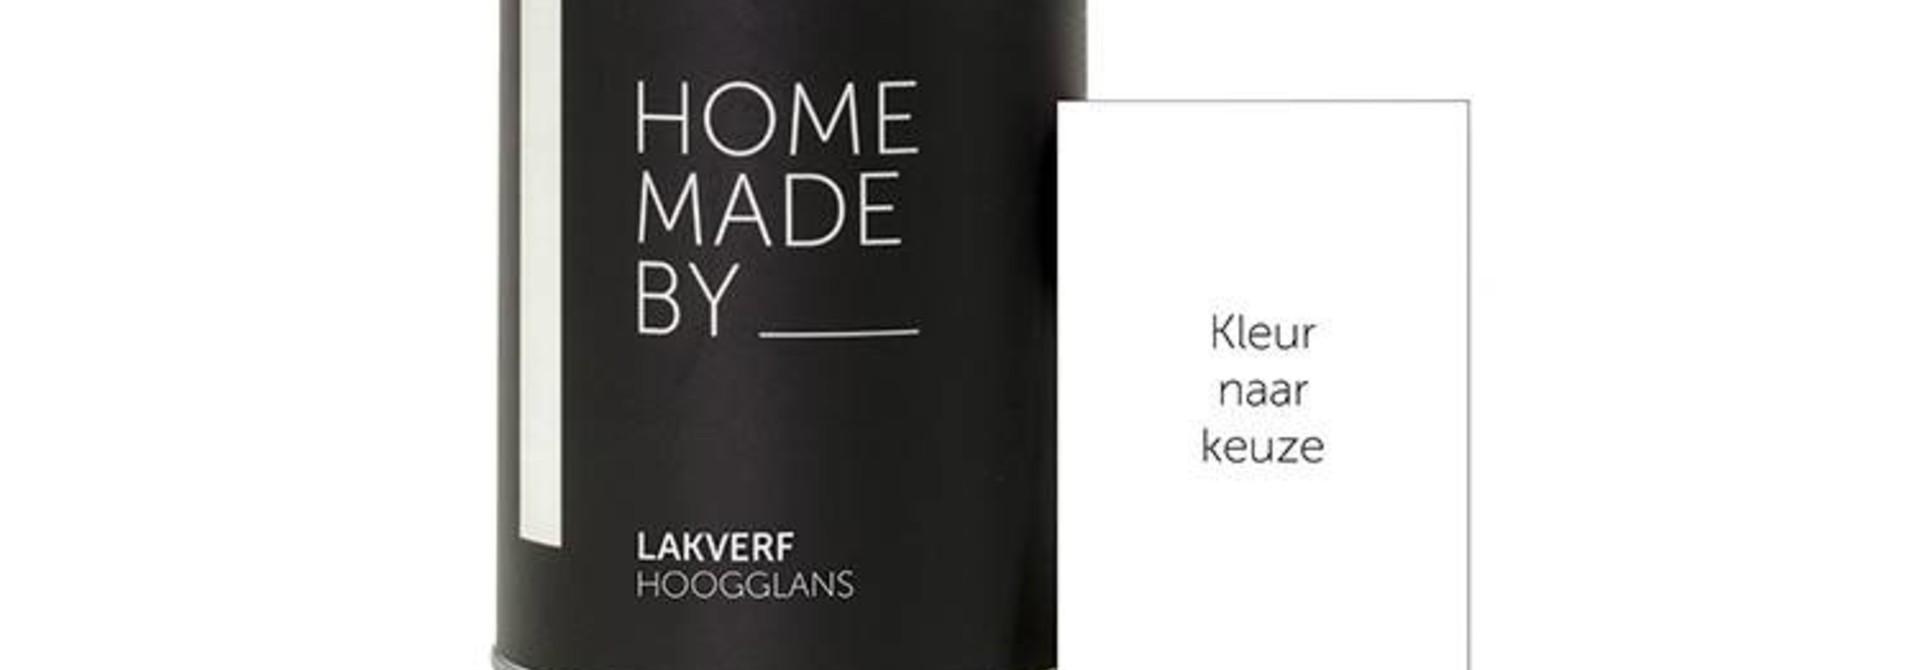 Lakverf Hoogglans